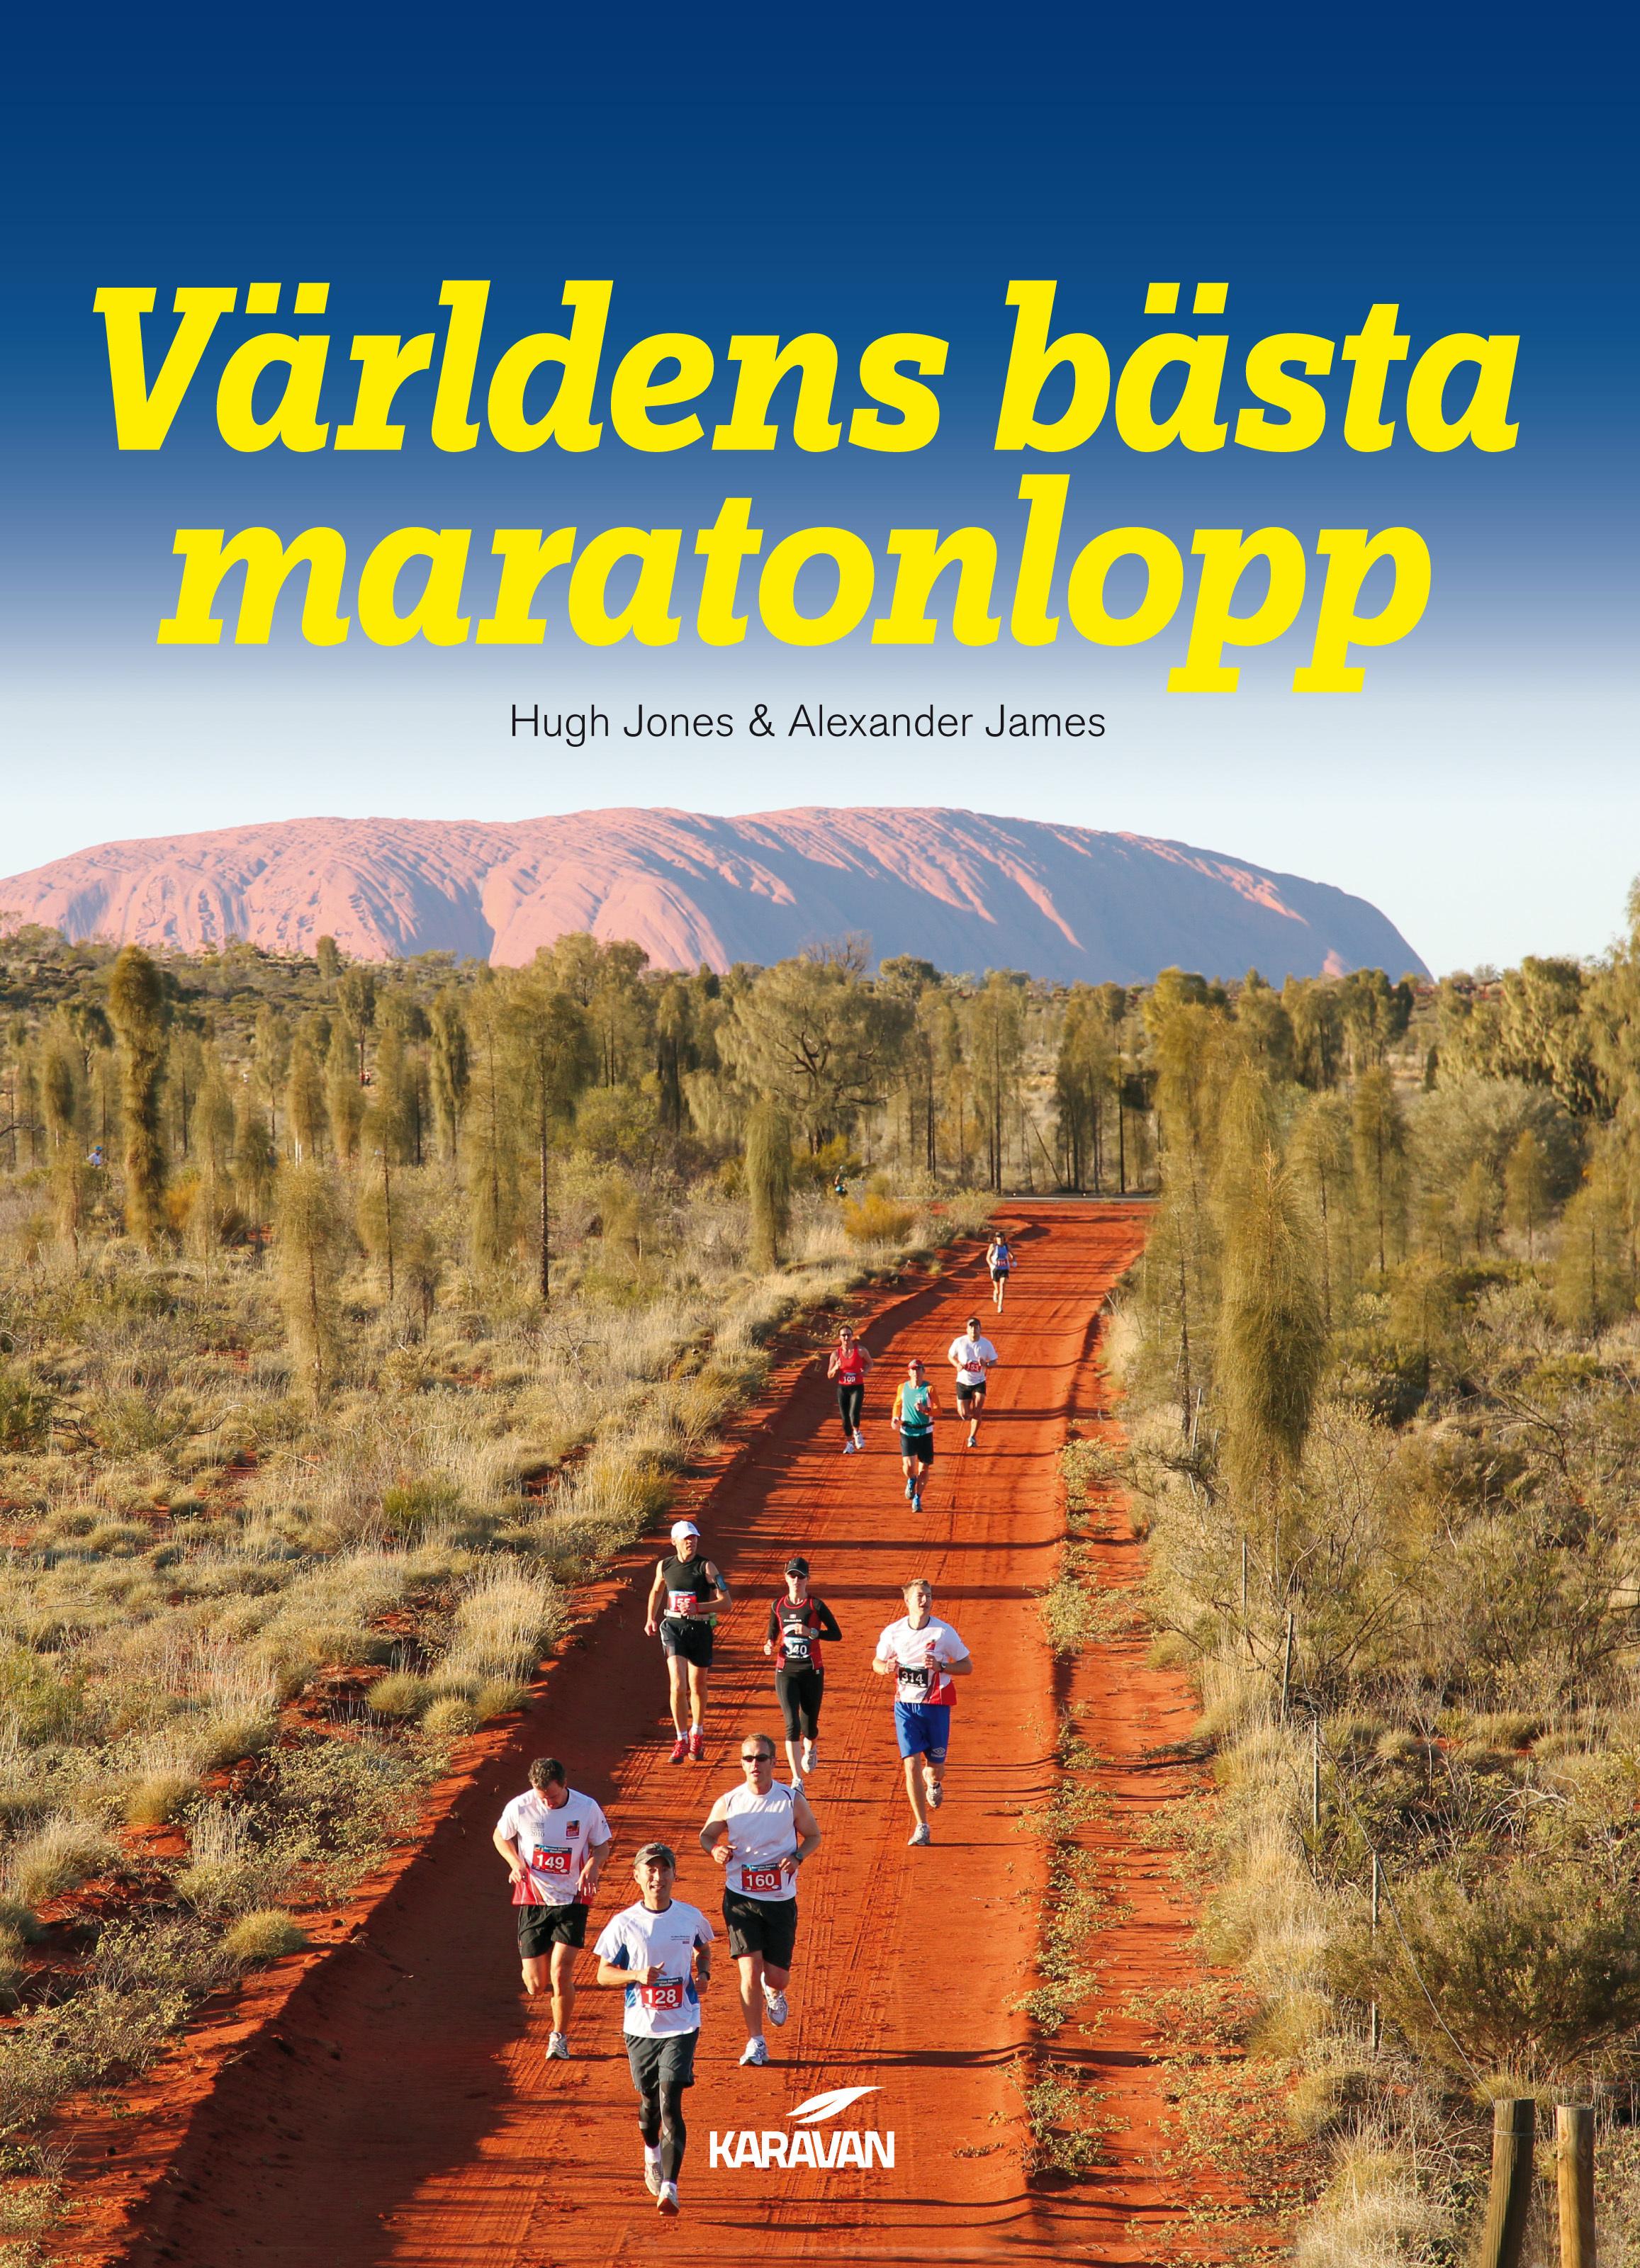 Världens bästa maratonlopp